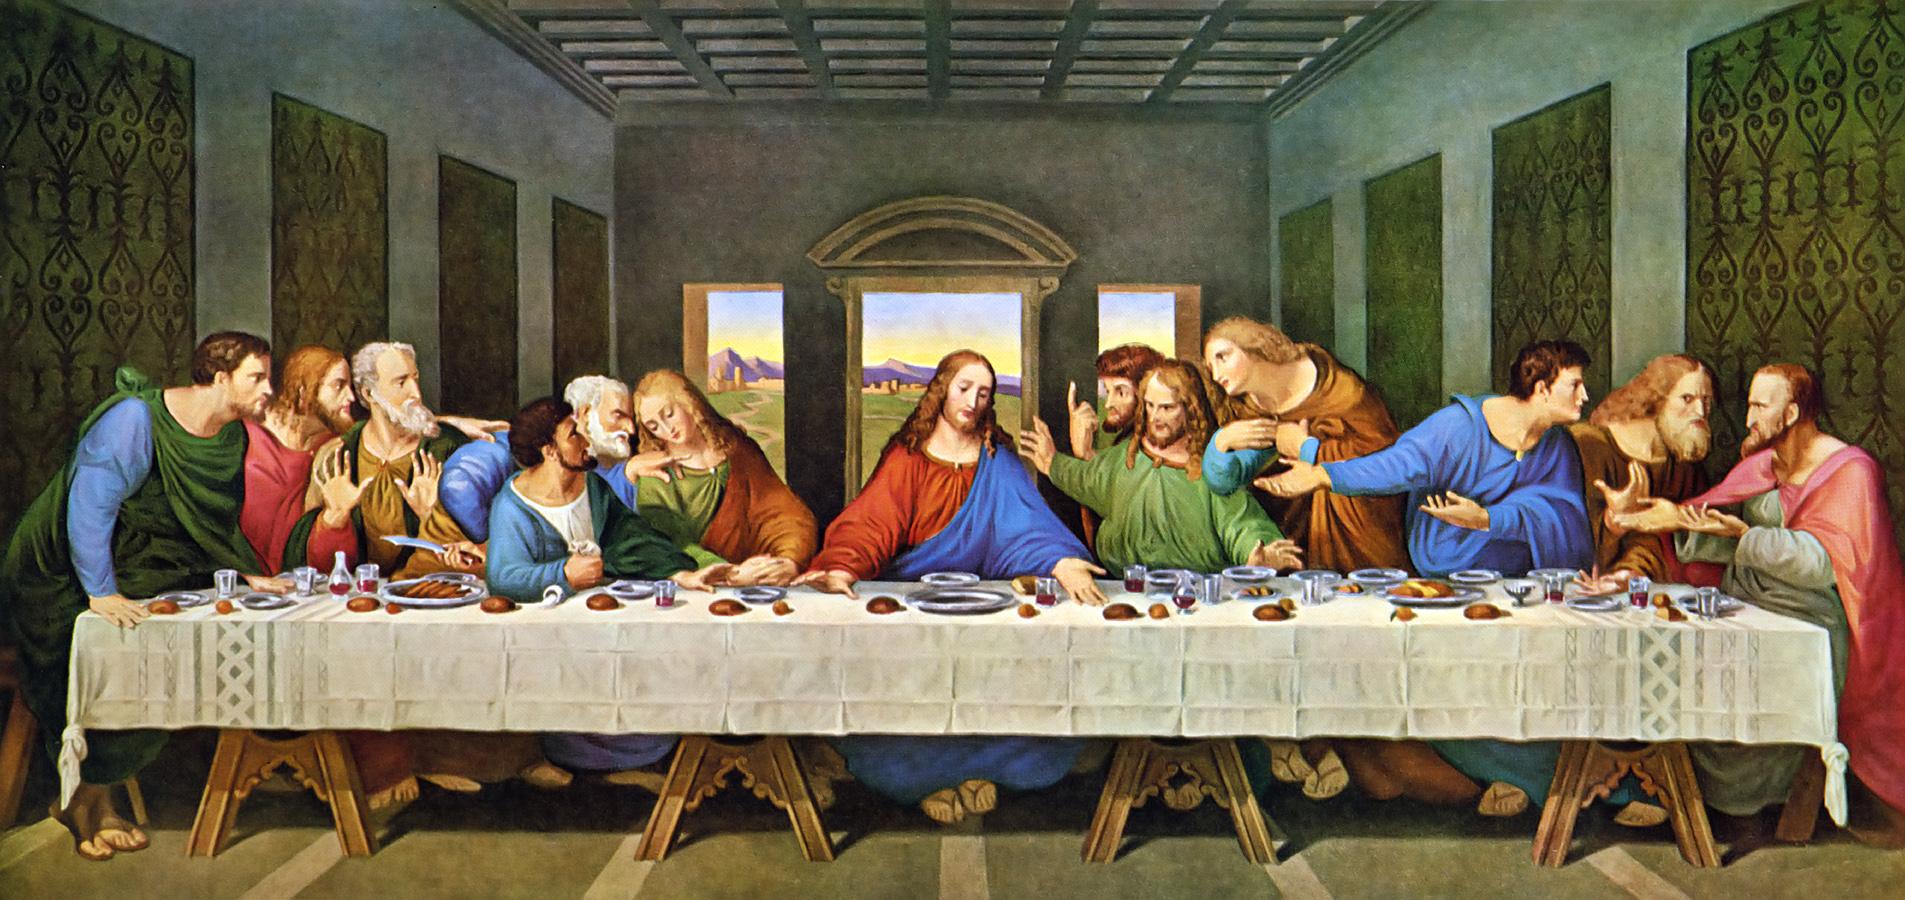 """L'ultima cena"""" di Leonardo da Vinci: il menù forse a base di pesce -  IlGiornale.it"""